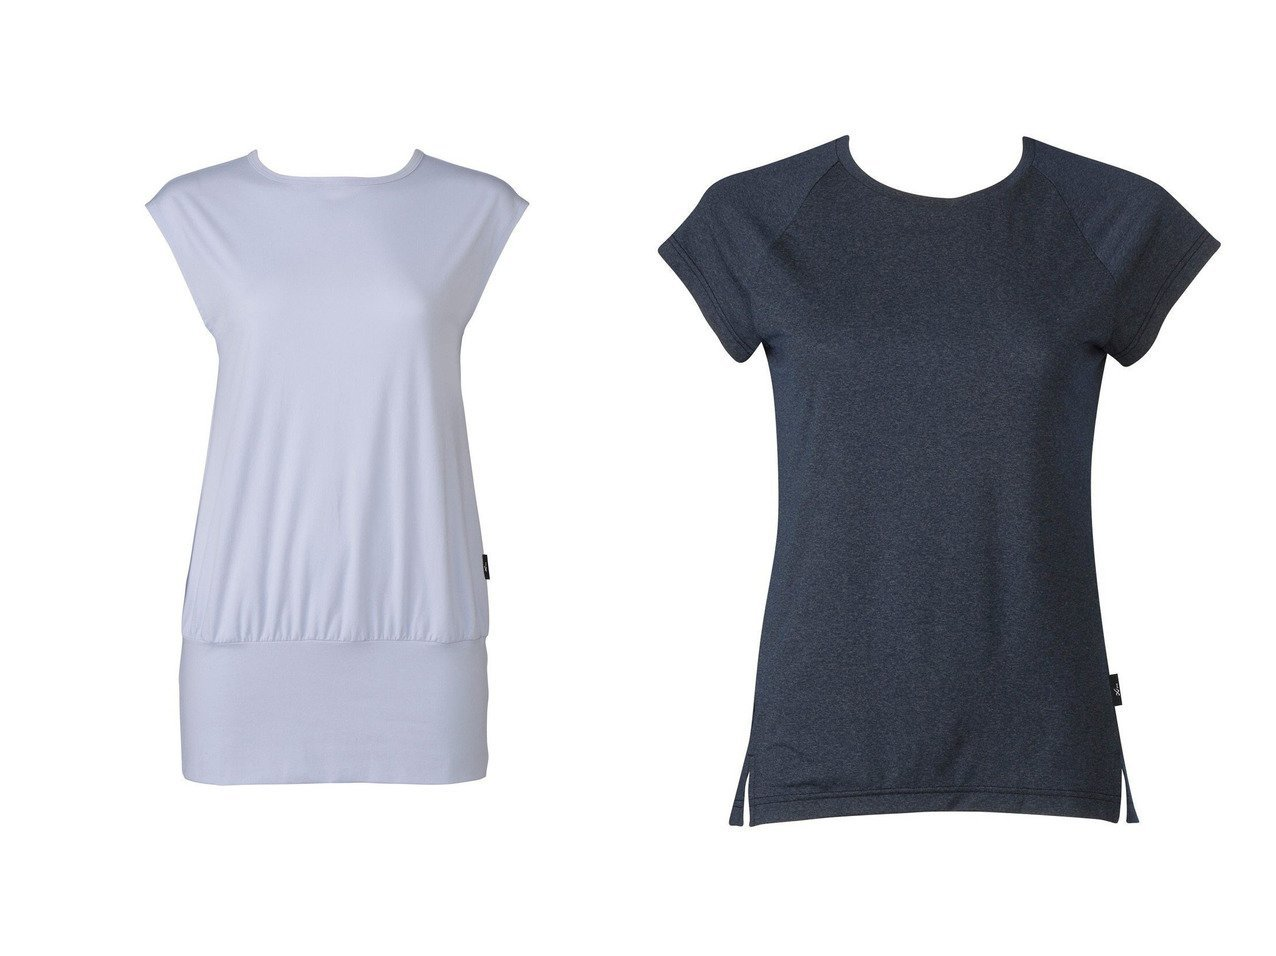 【CW-X/シーダブリューエックス】の【WOMEN】PRIME FLEX ロングTシャツ レディースワコール&【WOMEN】PRIME FLEX Tシャツ 半袖 レディースワコール スポーツウェア・ヨガ・運動・ダイエットグッズなどのおすすめ!人気トレンド・ファッション通販 おすすめで人気の流行・トレンド、ファッションの通販商品 インテリア・家具・メンズファッション・キッズファッション・レディースファッション・服の通販 founy(ファニー) https://founy.com/ ファッション Fashion レディースファッション WOMEN トップス・カットソー Tops/Tshirt シャツ/ブラウス Shirts/Blouses ロング / Tシャツ T-Shirts 送料無料 Free Shipping ストレッチ スリット ロング 再入荷 Restock/Back in Stock/Re Arrival 半袖 |ID:crp329100000041139